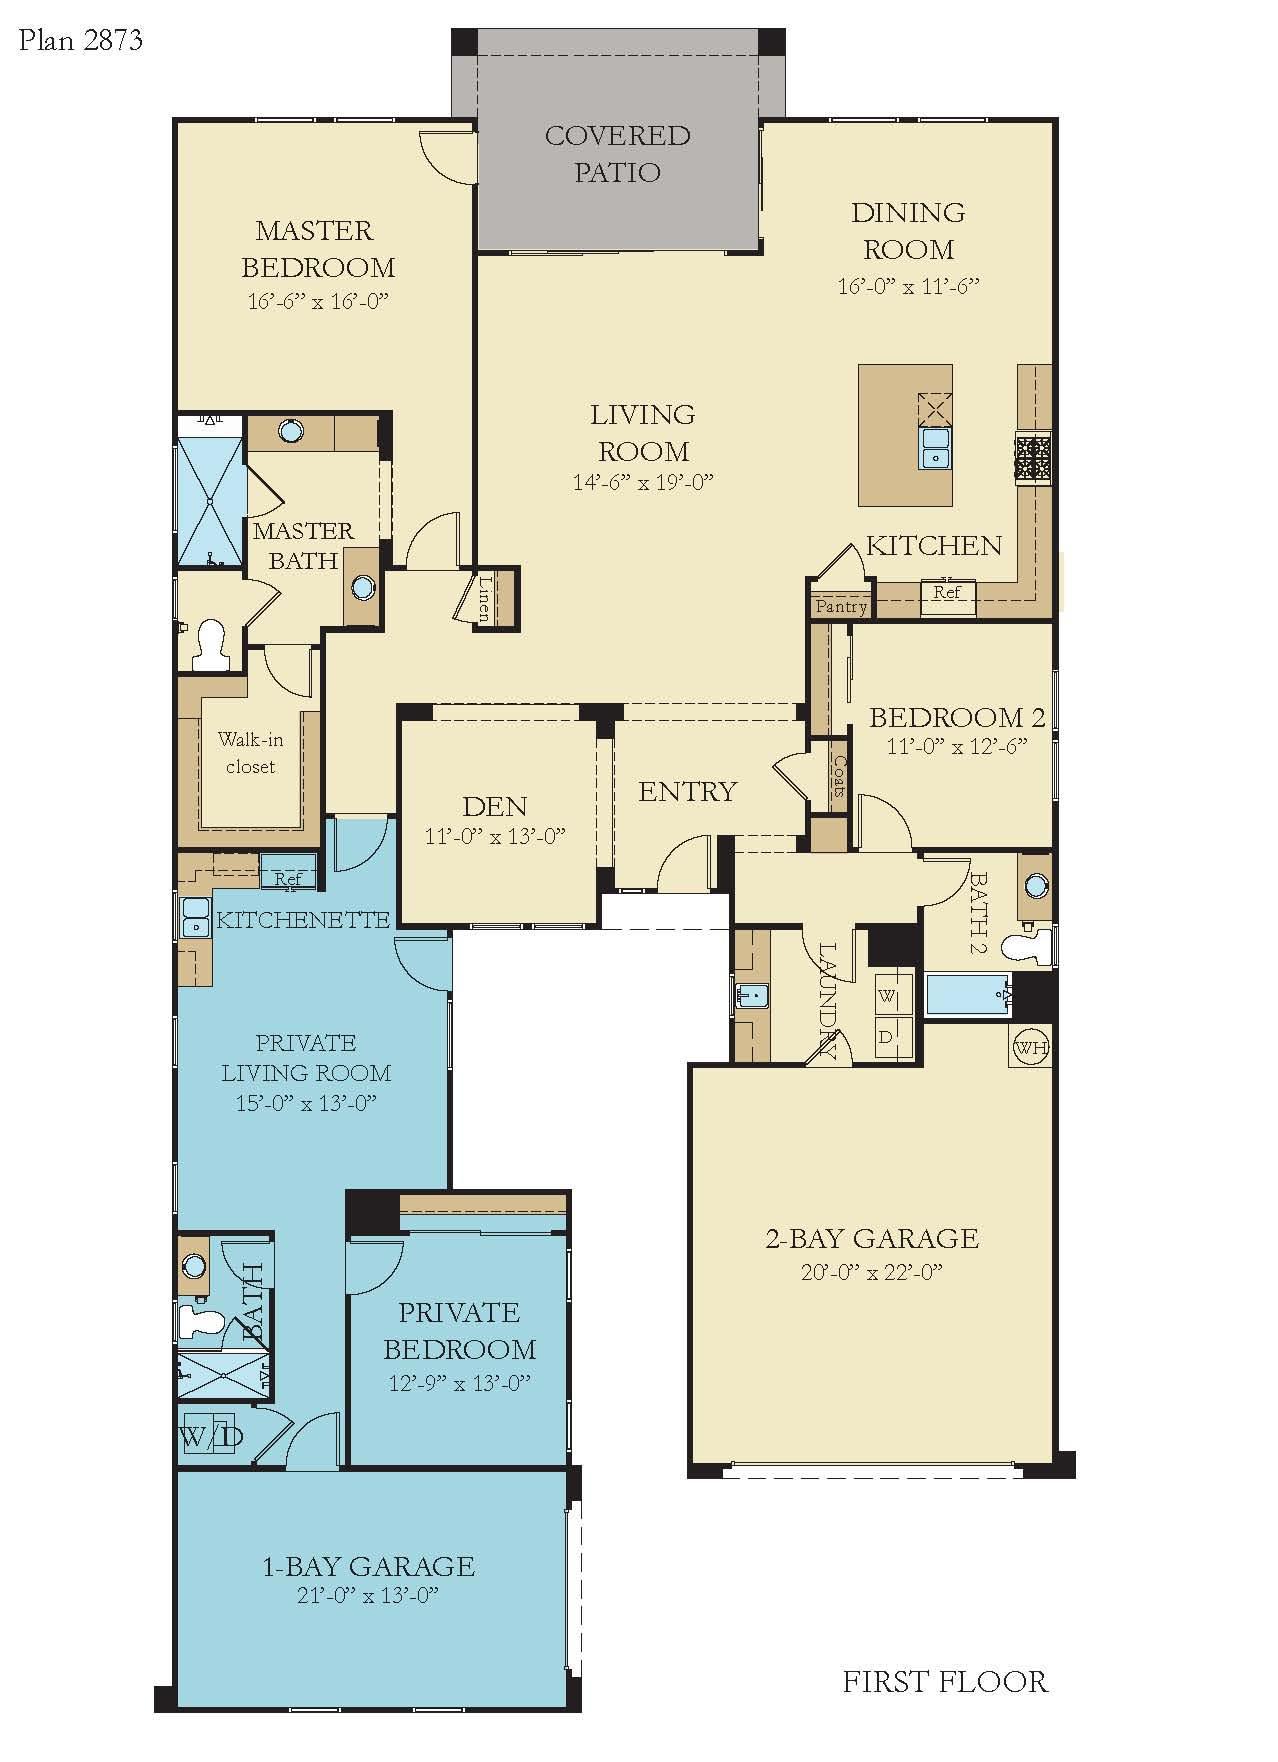 Floorplan for Residence 2873